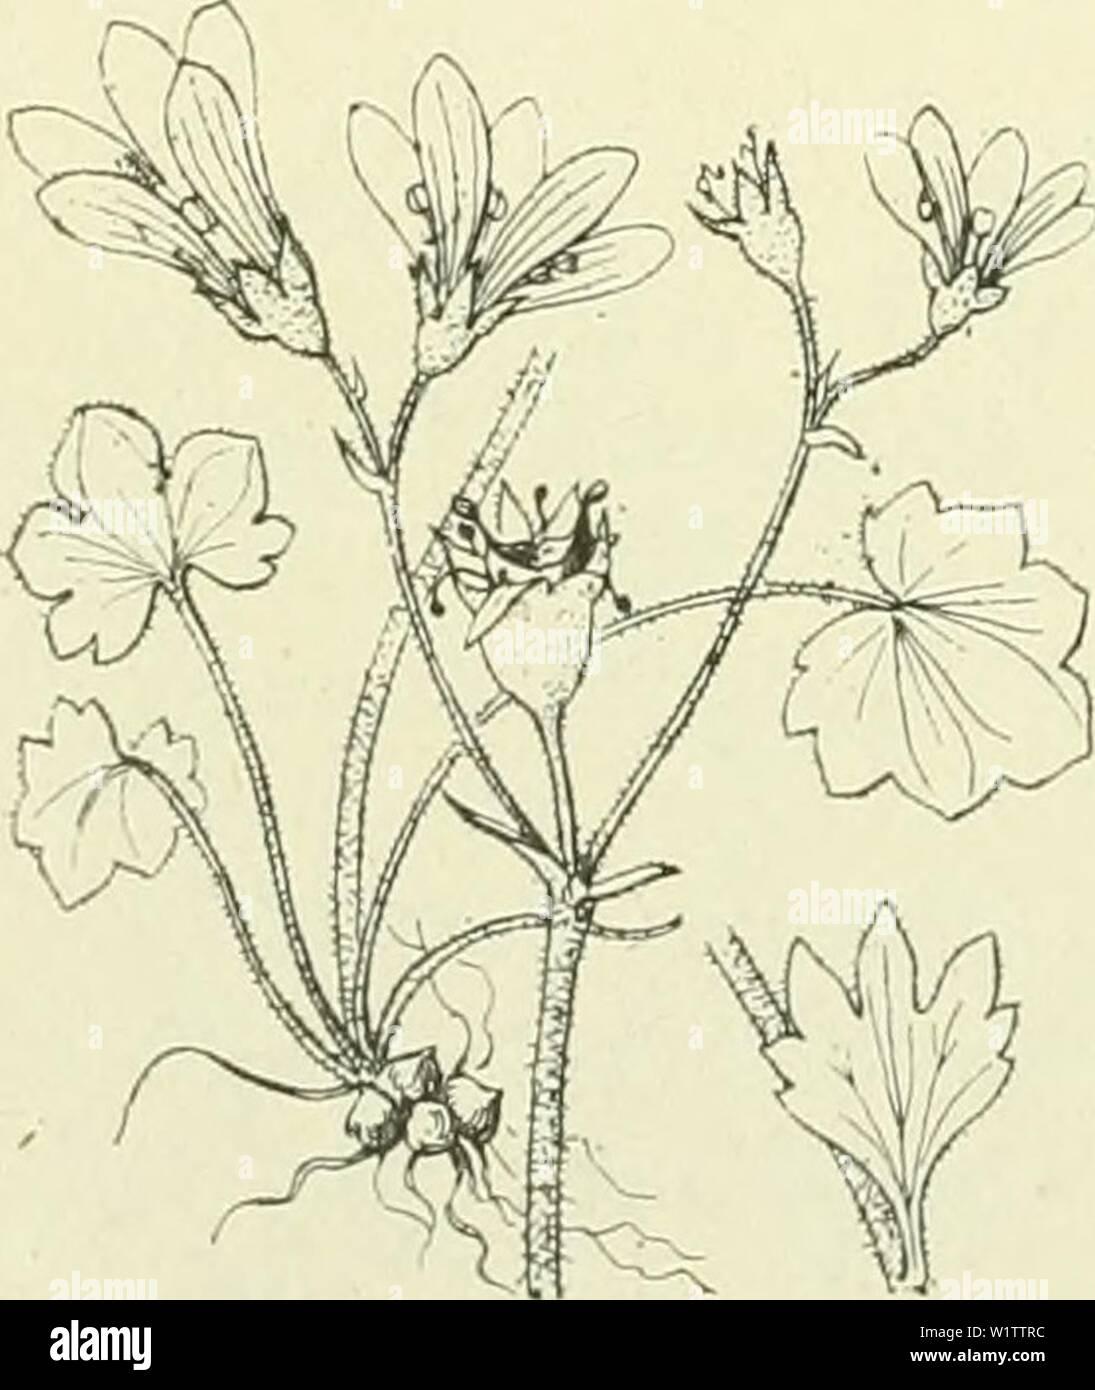 Archive image from page 511 of De flora van Nederland (1909-11). De flora van Nederland  defloravannederl02heuk Year: 1909-11. Engeland, IJsland) zullen de zeldzame vindplaatsen in ons land (Bergumerheide, Harder- wijk, bij Leimuiden, bij Amsterdam, Stolwijk) wel betrekking hebben op verwilderde planten. De plant wordt n.1. wel als sierplant gekweekt. S. tridactylites ')L. Kandelaartjes (fig. 584). Deze plant is geelgroen, klierachig kort behaard. De wortel is dun, er zitten geen knolletjes op. De stengel is rechtopstaand, dun, verspreid met bladen bezet, vaak roodachtig aangeloopen. De wor- t - Stock Image